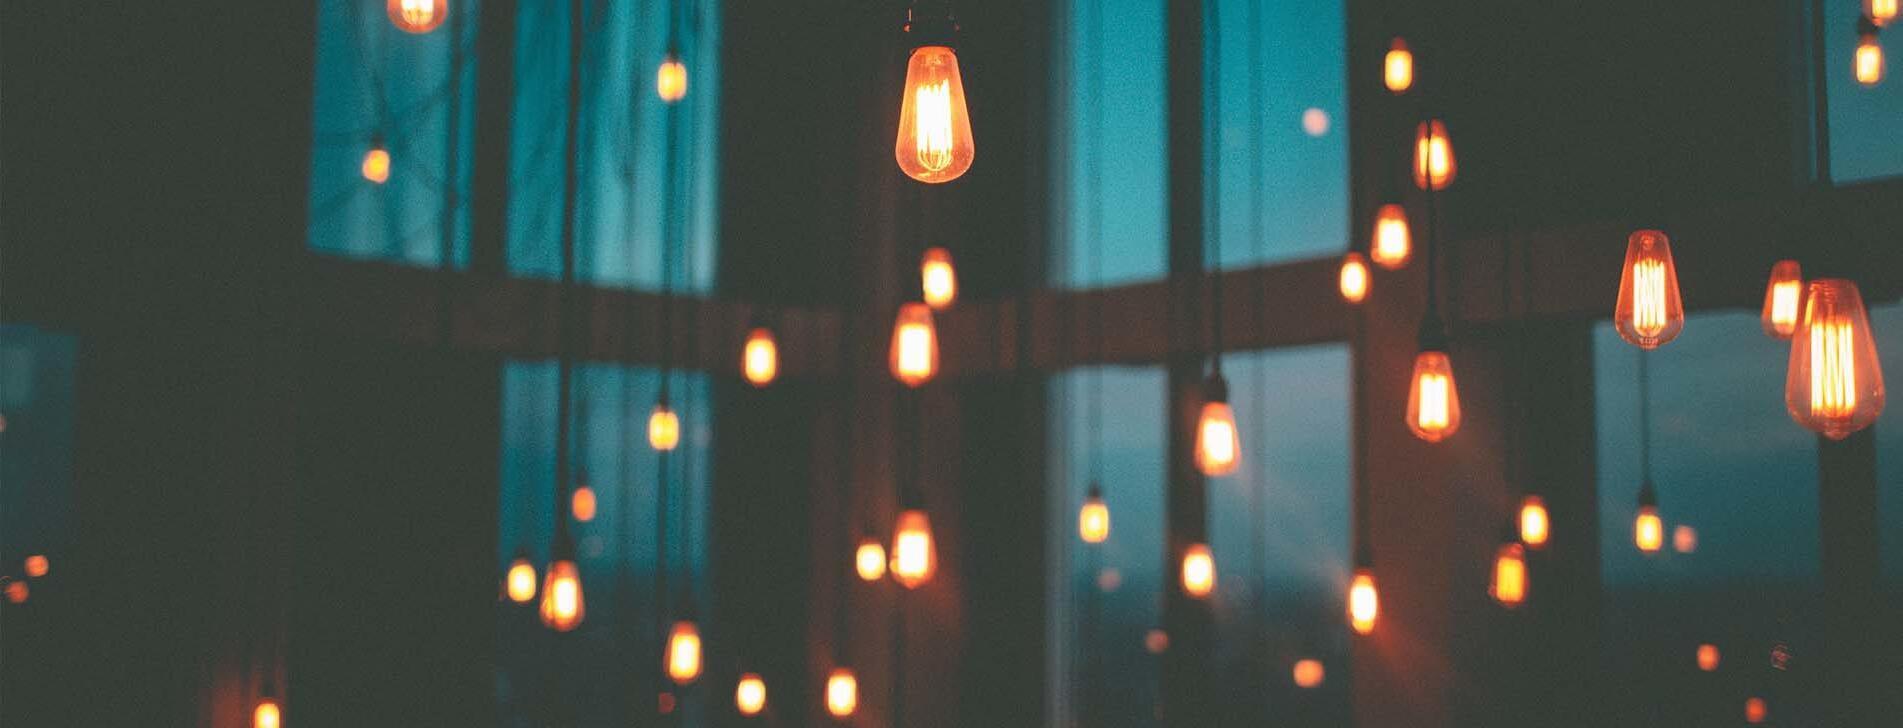 Quelle est la meilleure couleur de LED pour regarder un film ?